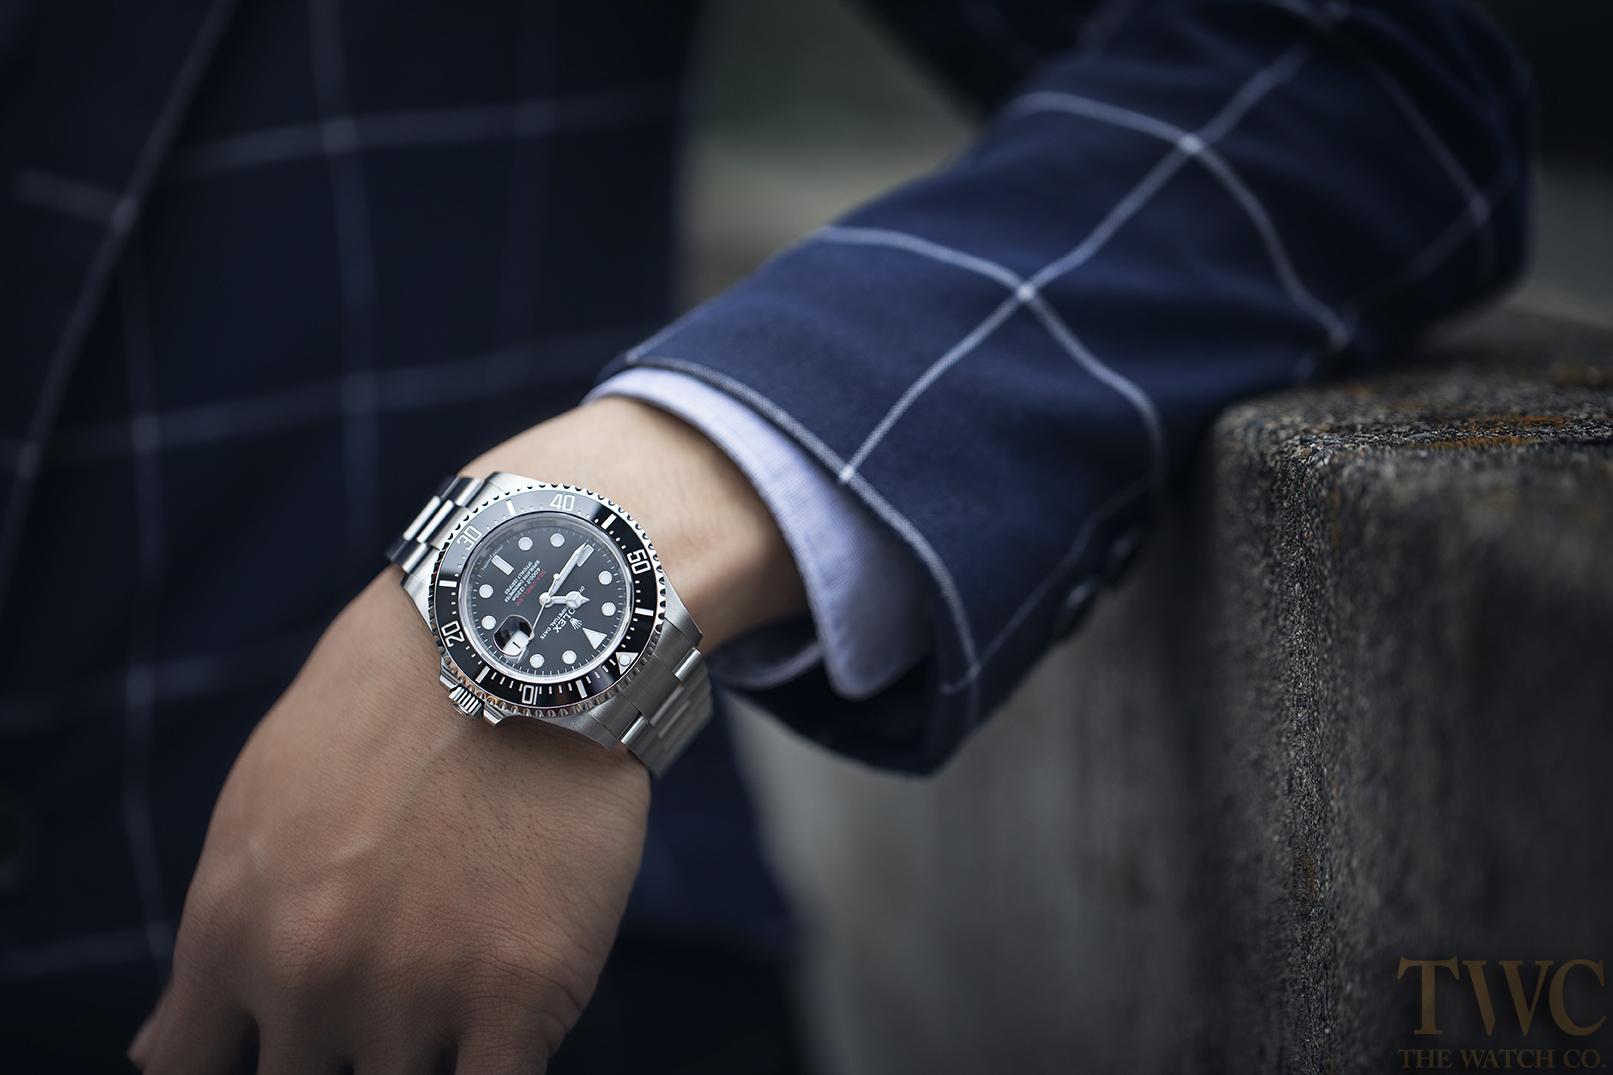 高級腕時計を持つメリット